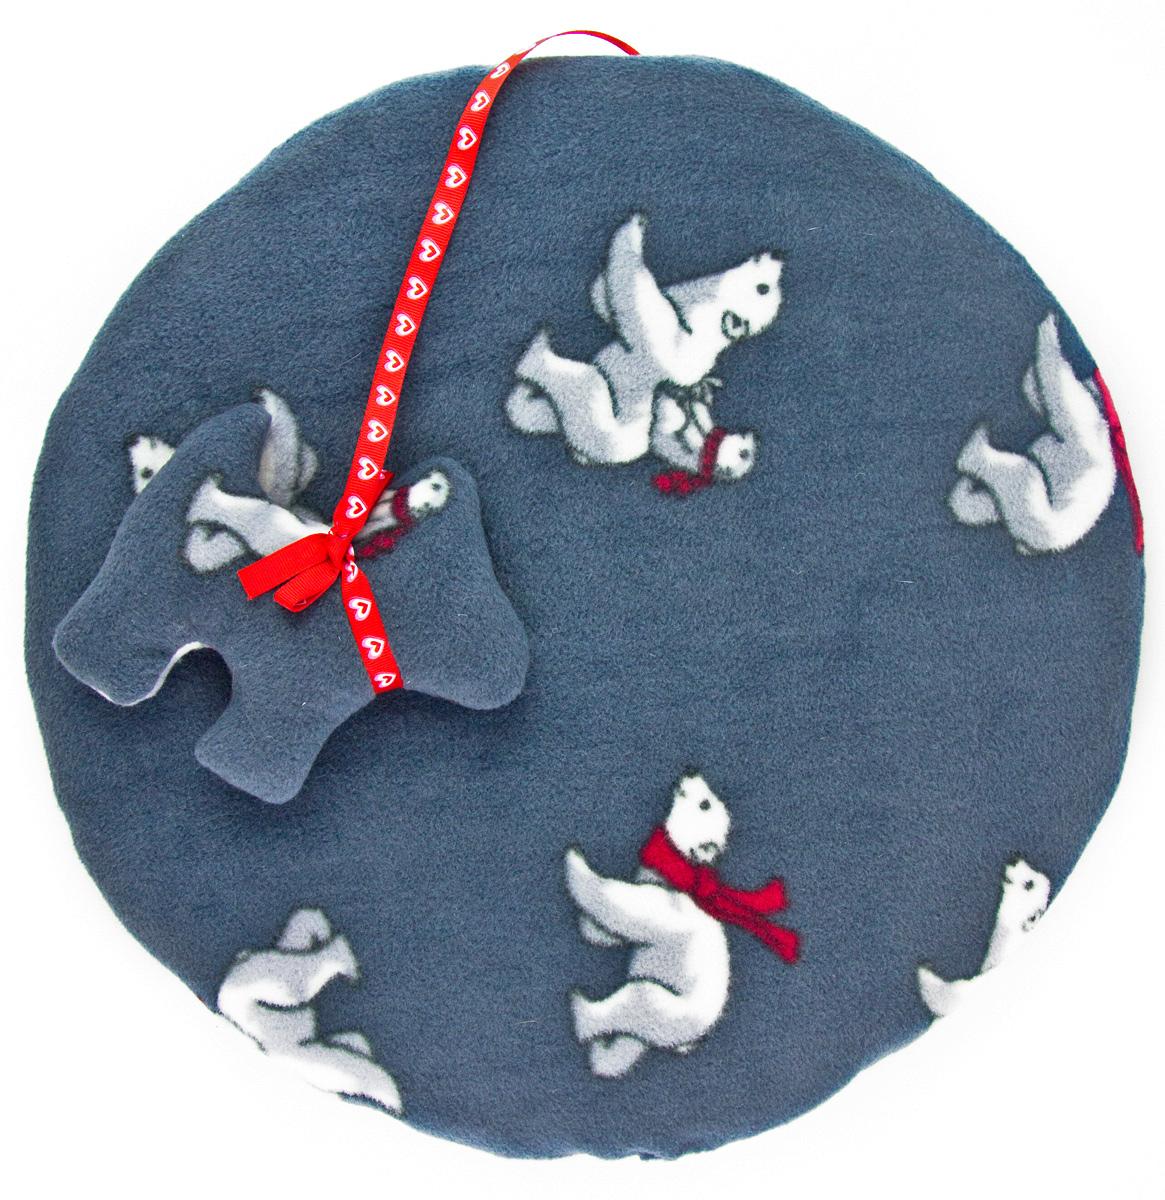 Лежак-коврик для животных Zoobaloo Мишки, с игрушкой, 40 х 40 см626RВеликолепный флисовый лежак-коврик Zoobaloo - это отличный аксессуар для вашего питомца, на котором можно спать, играться и снова, приятно устав, заснуть. Он идеально подходит для полов с любым покрытием. Изделиеподдерживает температурный баланс вашего питомца в любоевремя года. Наполнитель выполнен из синтепона.